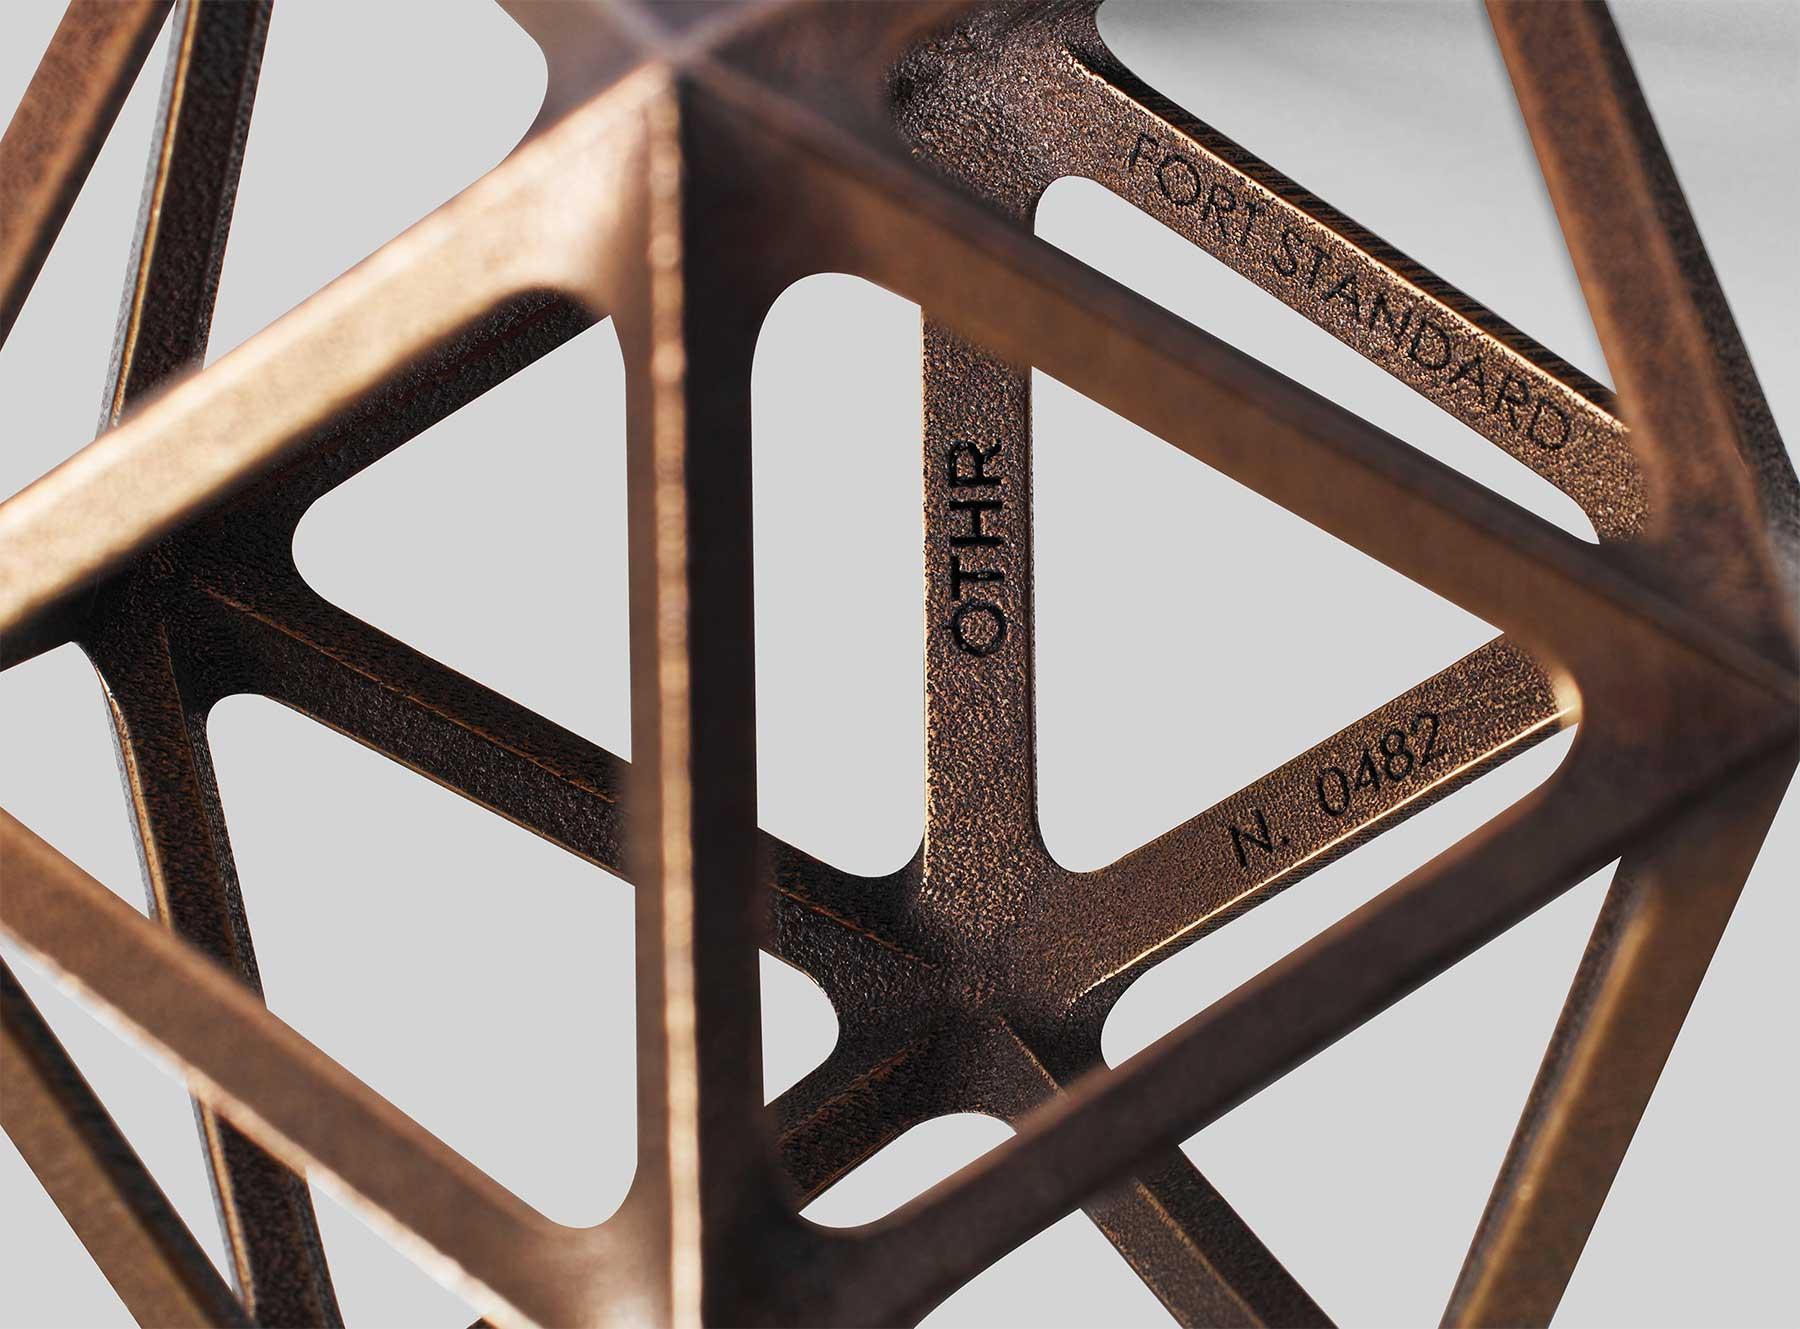 Minimalistisches Alltags-Design: OTHR OTHR-design_02